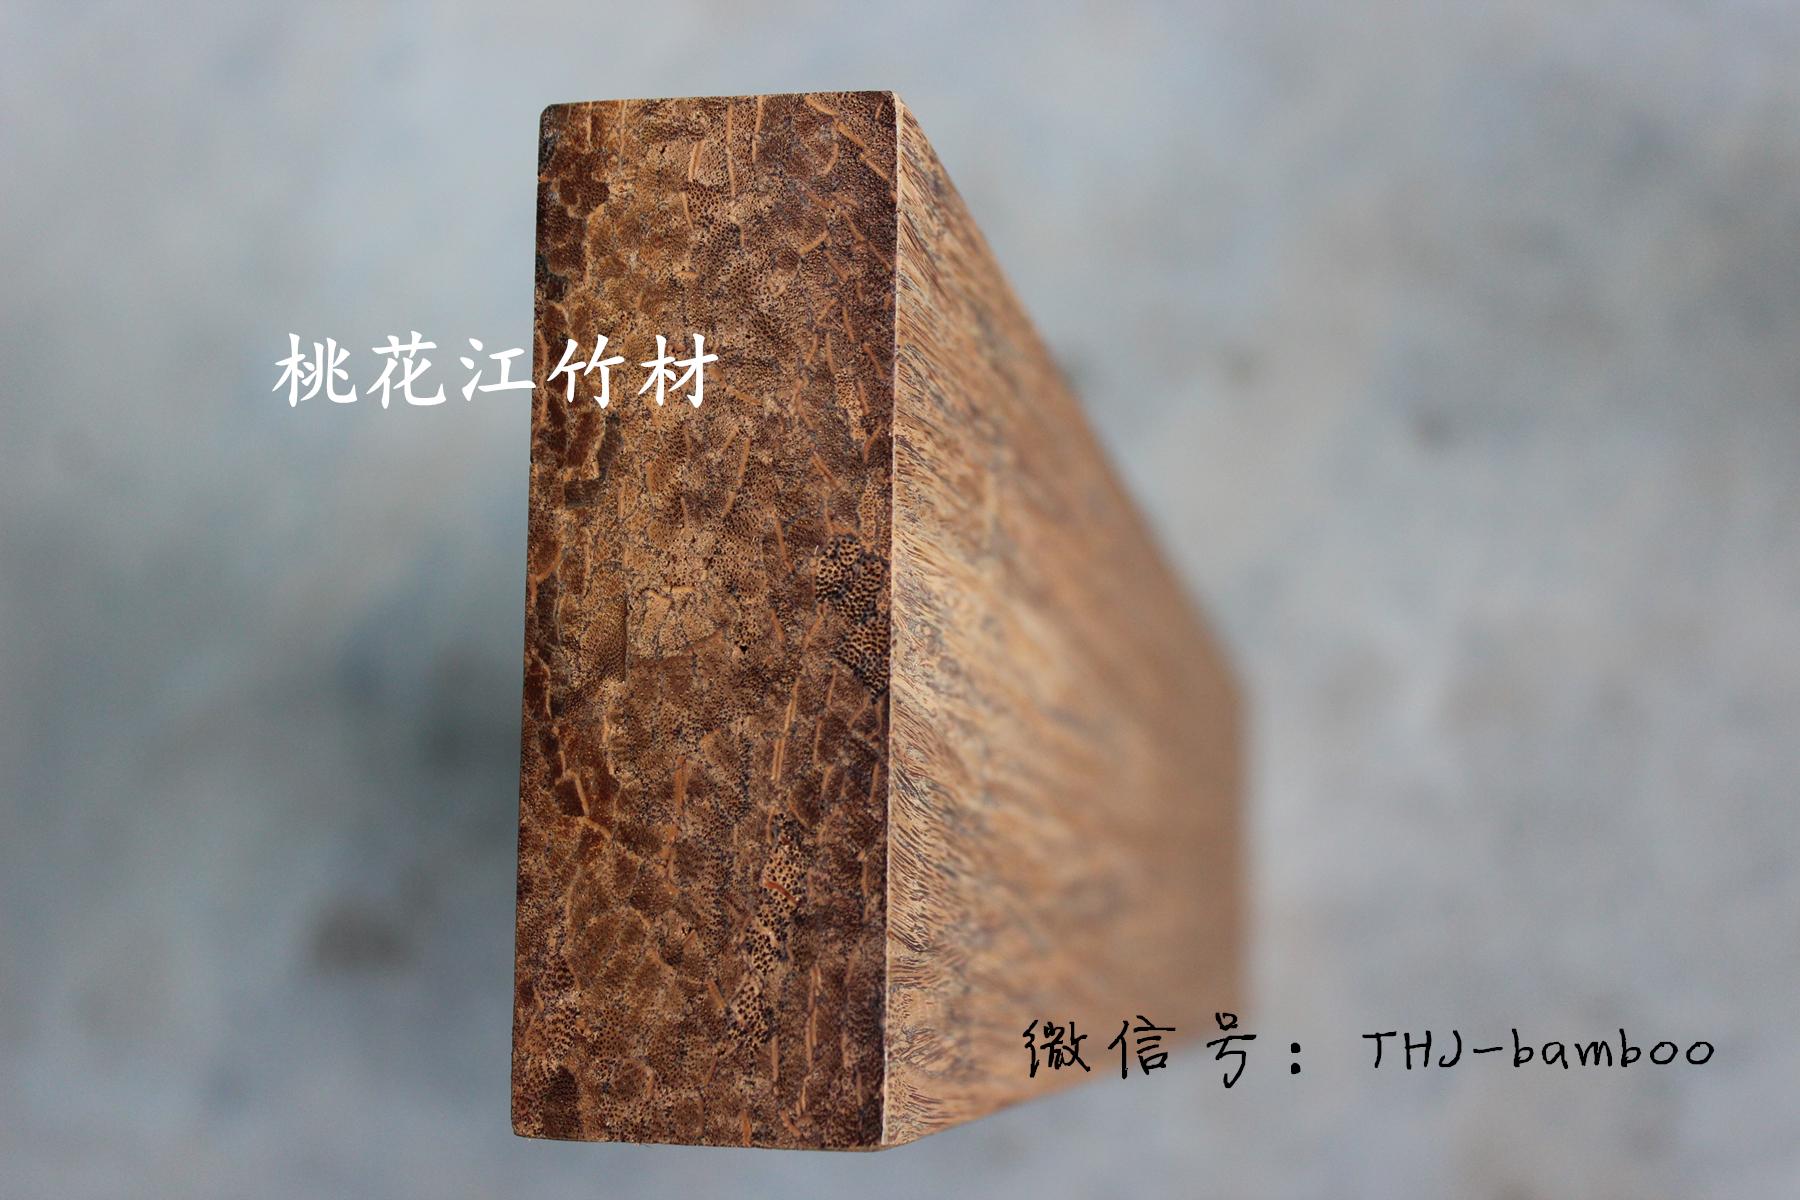 重竹方料 竹方 重组竹材